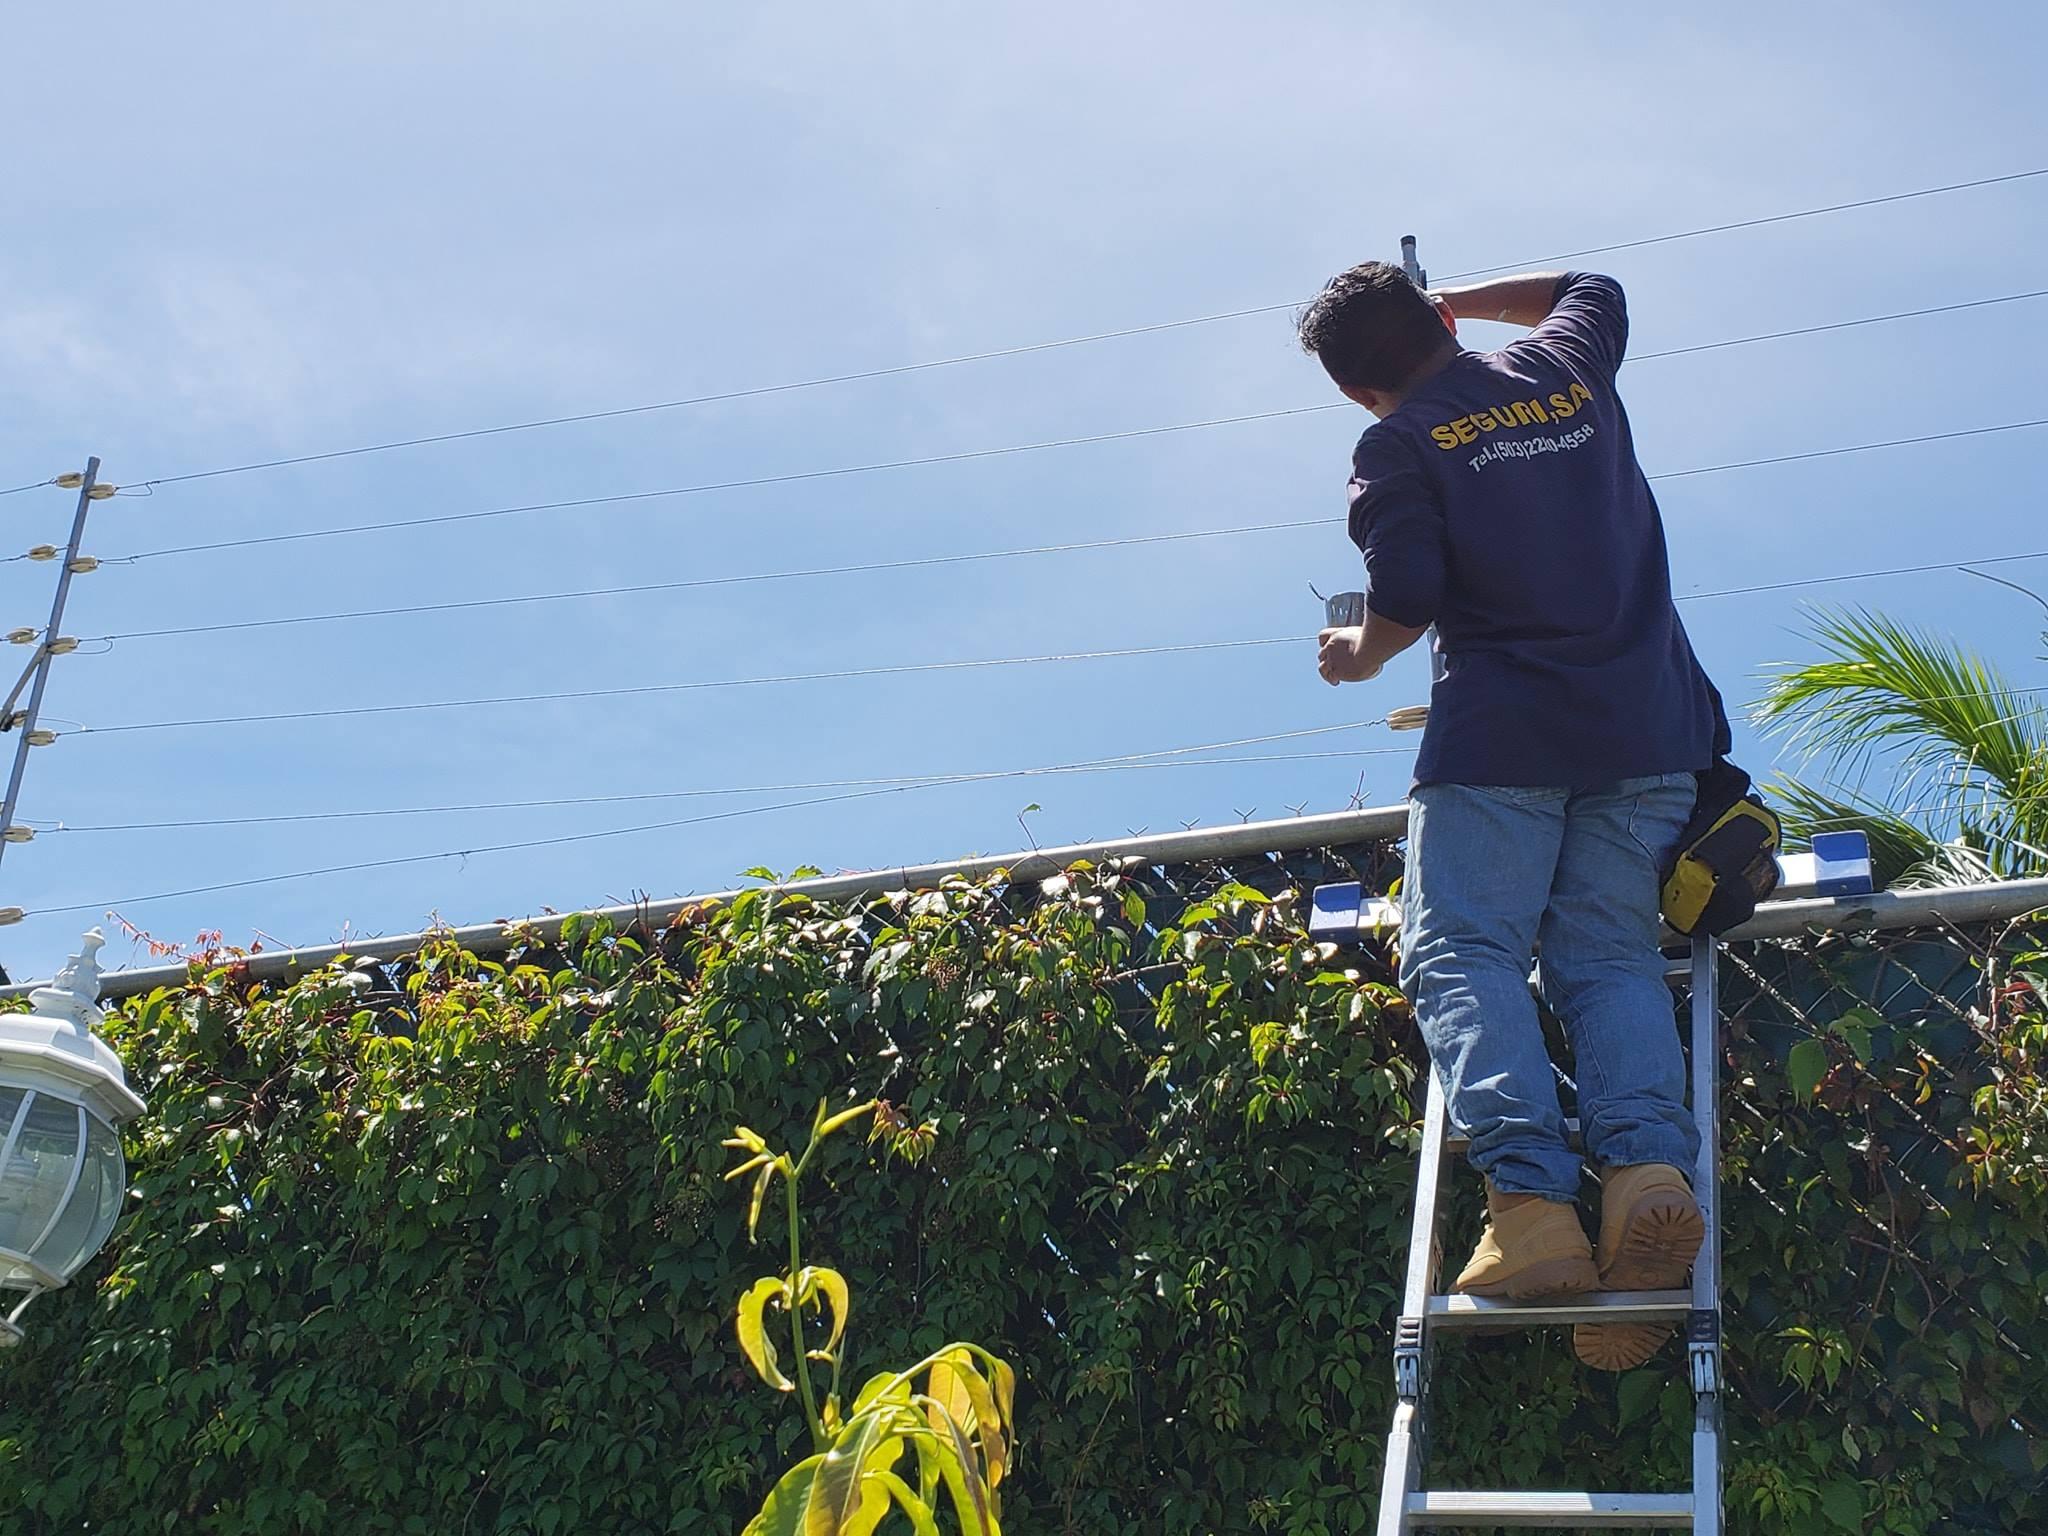 5 razones para darle mantenimiento a tu cerca eléctrica